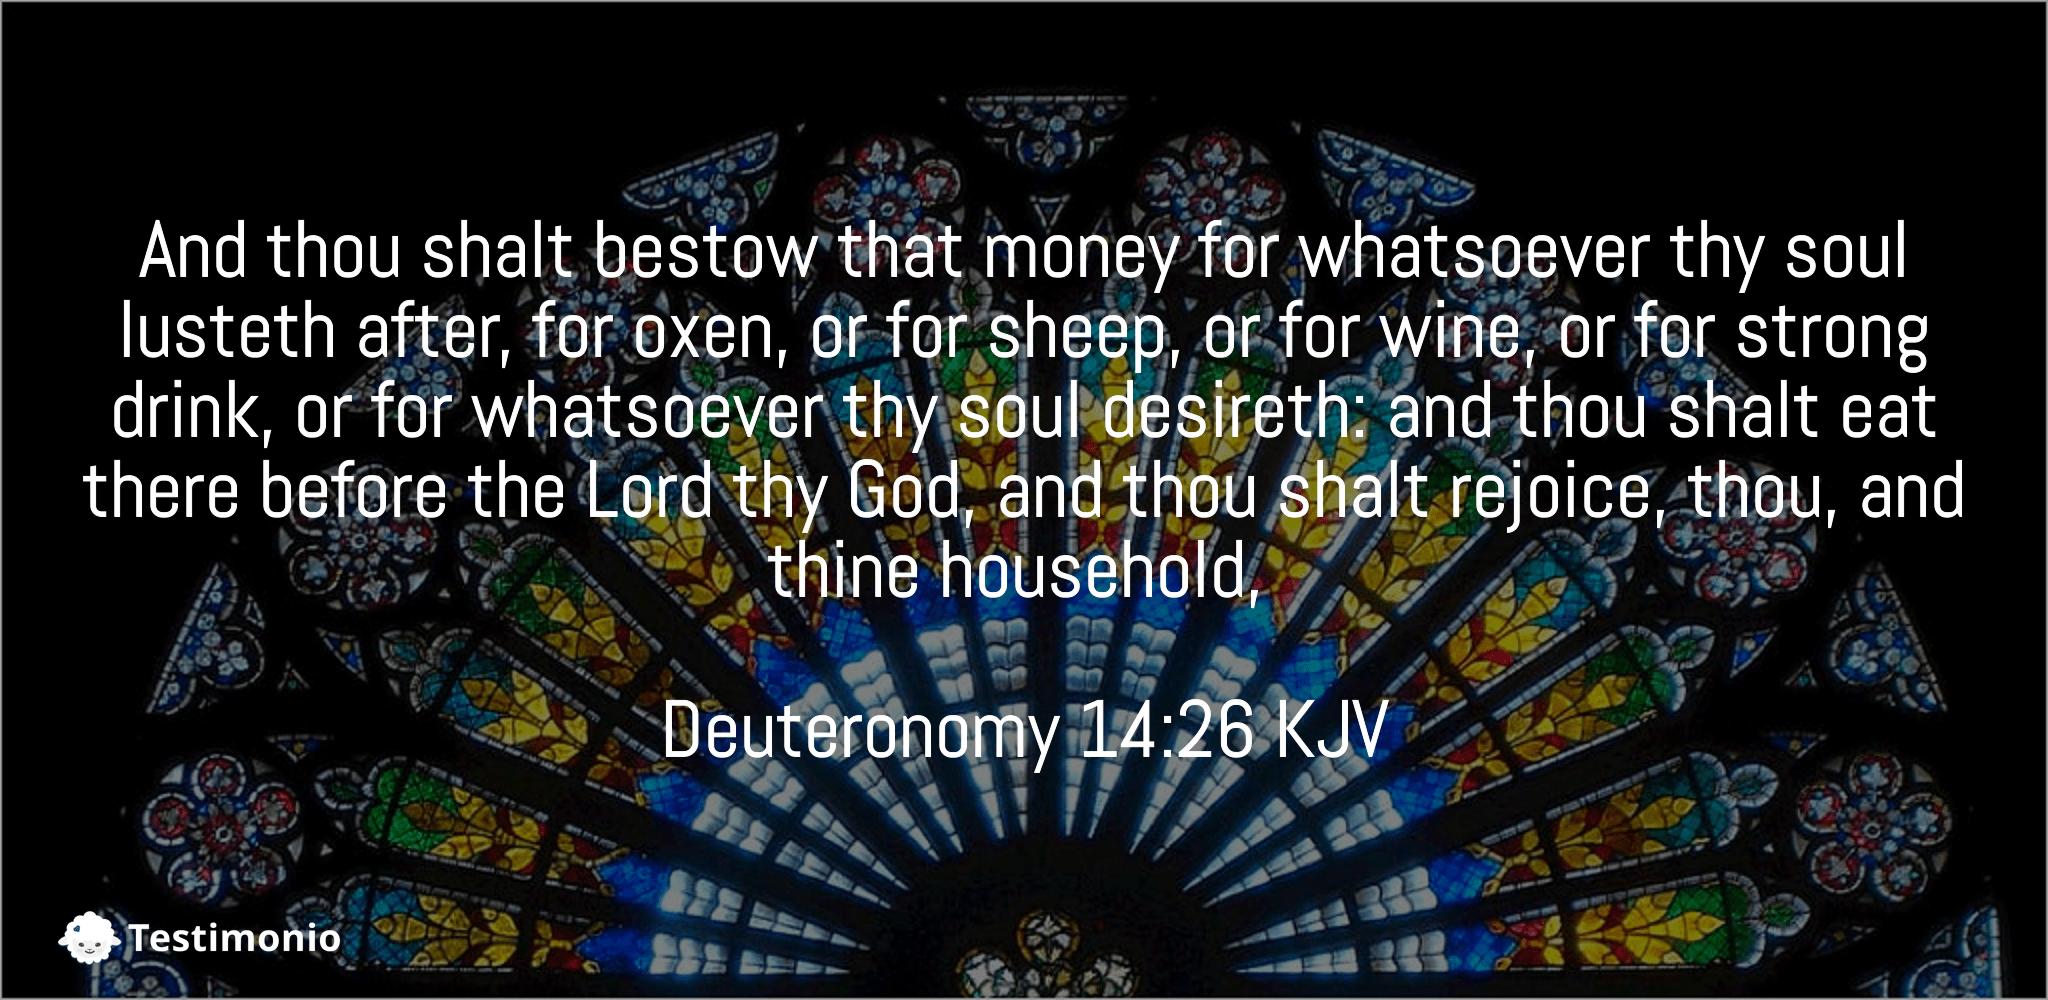 Deuteronomy 14:26